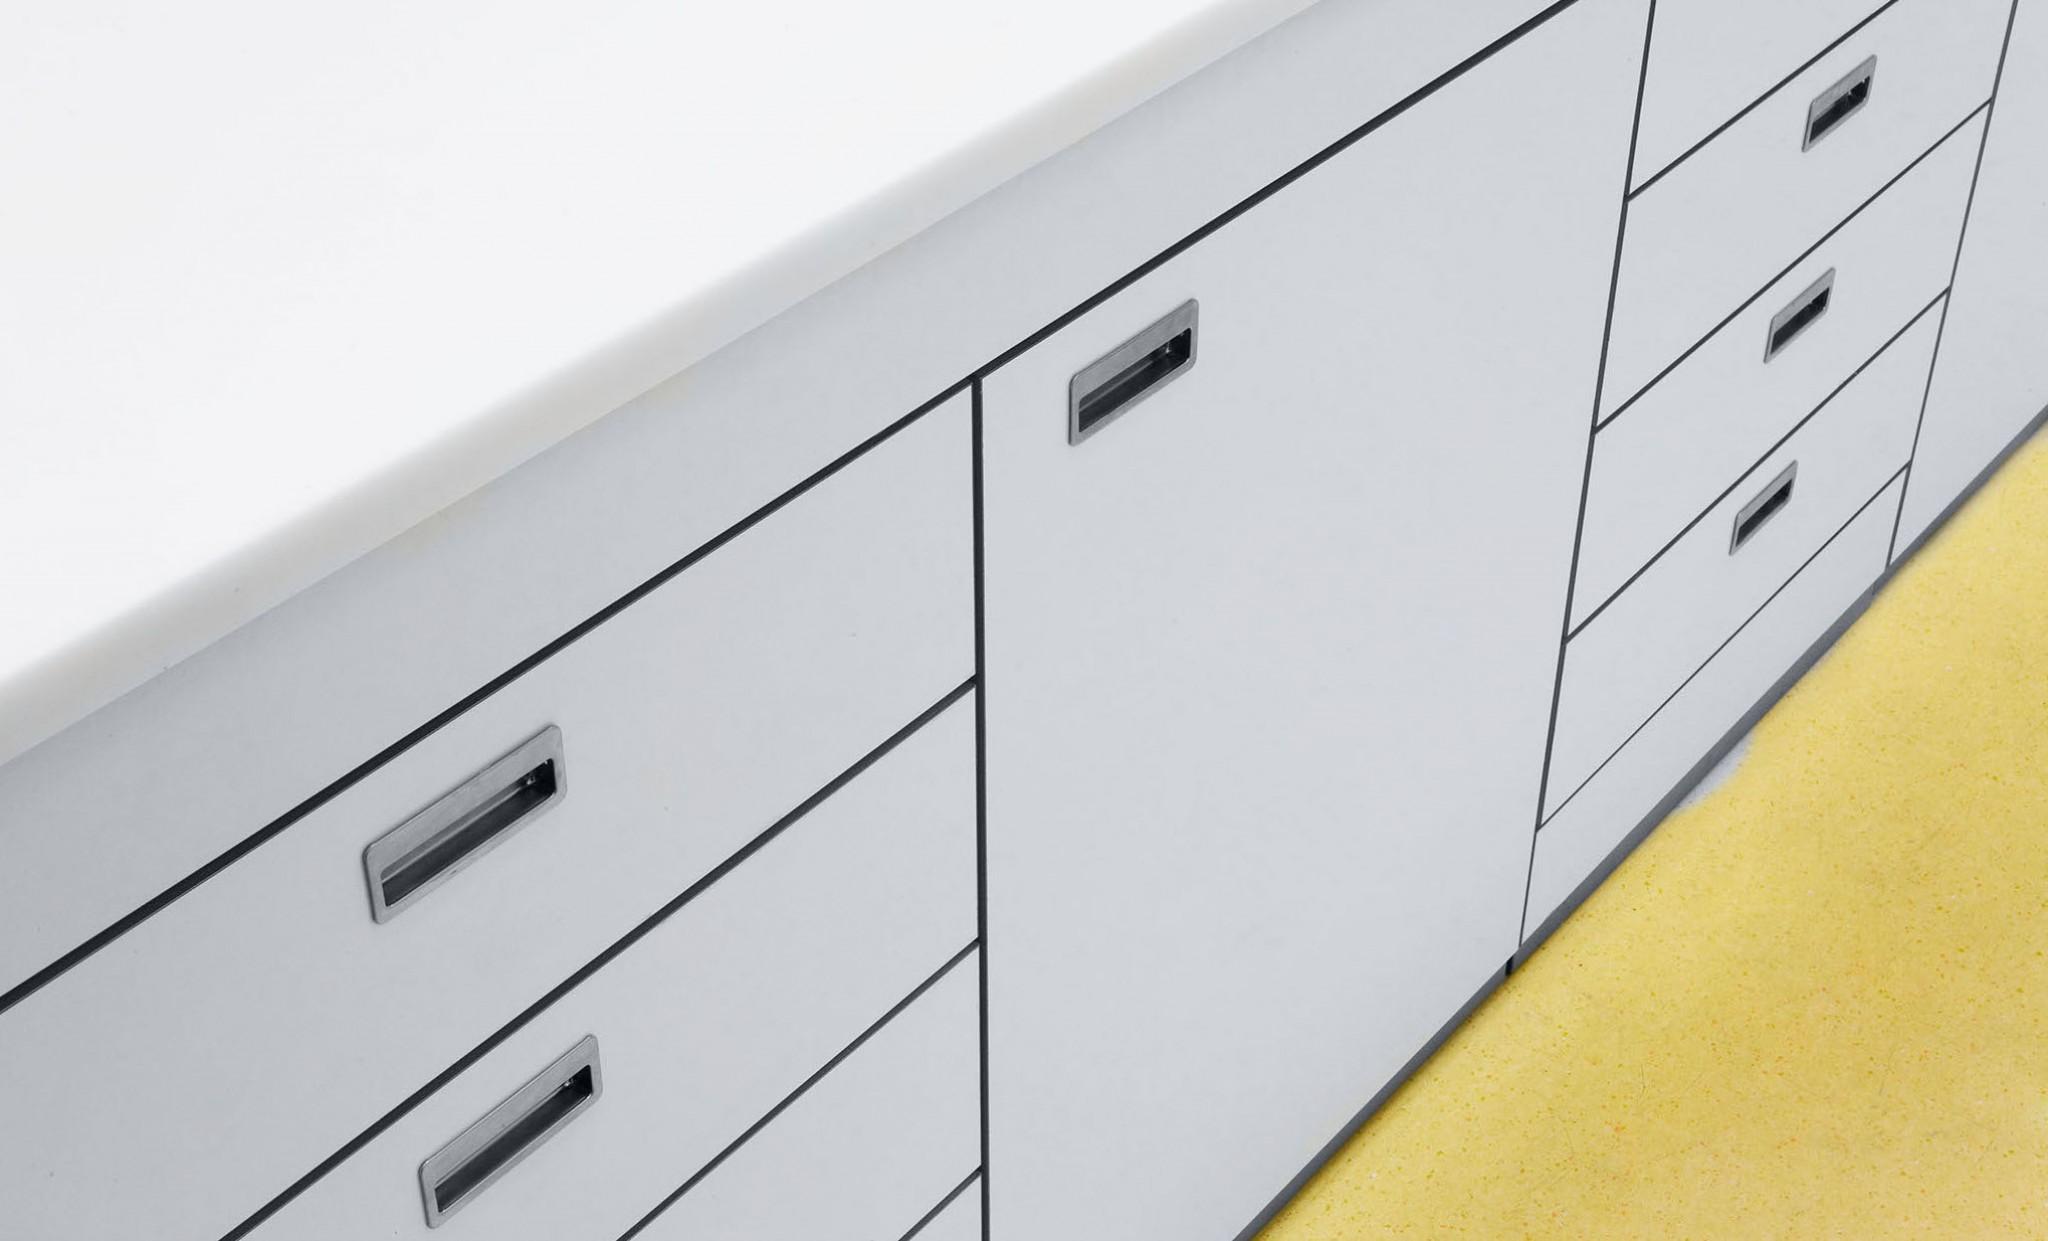 De Ontwerpwerkplaats, Gijs Niemeijer, Floor van Ditzhuyzen, Practicum meubilair, ontwerp speciaal meubilair scholen, ontwerp BINASK-meubilair, ontwerp technisch meubilair, ontwerp laboratorium meubilair, practicum meubilair ,